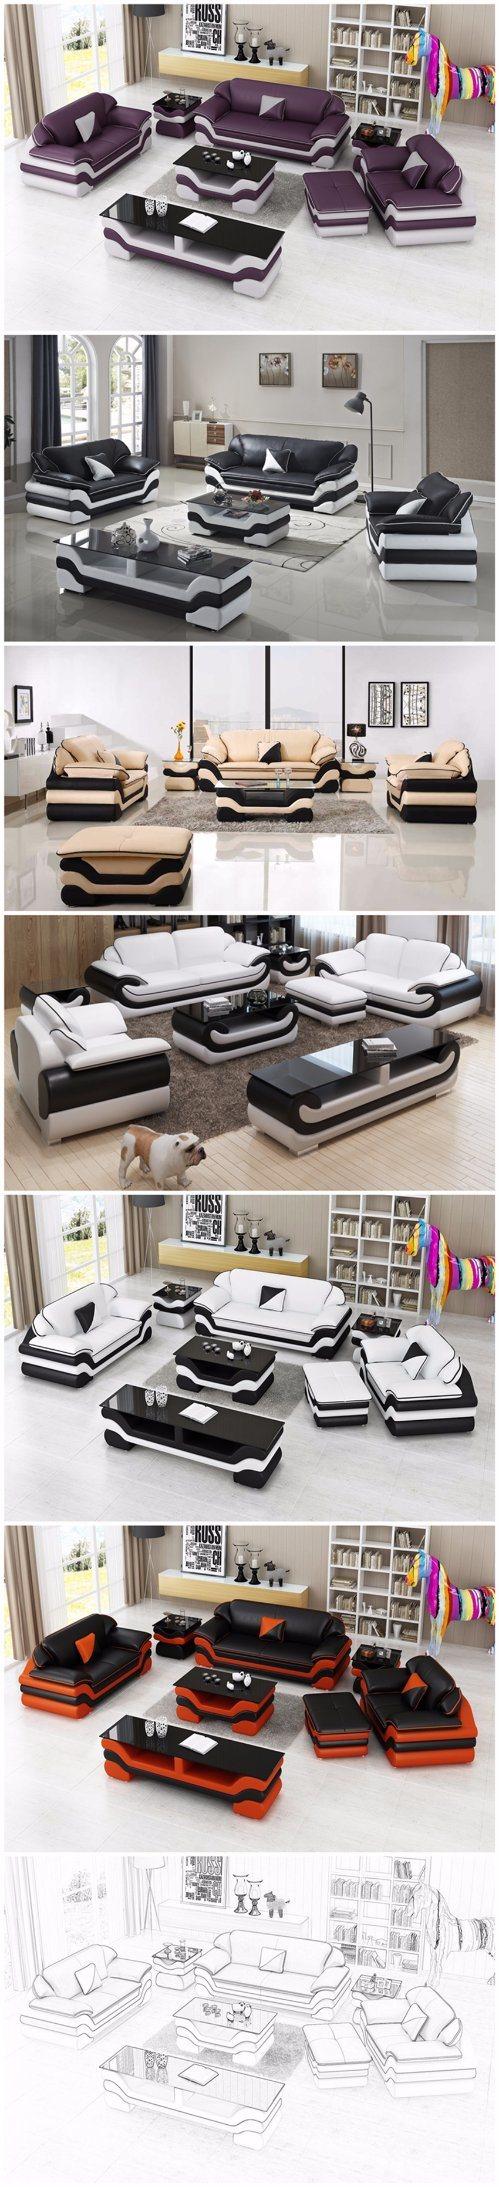 China 2017 new design living room nubuck destiny sofa for Apartment design your destiny